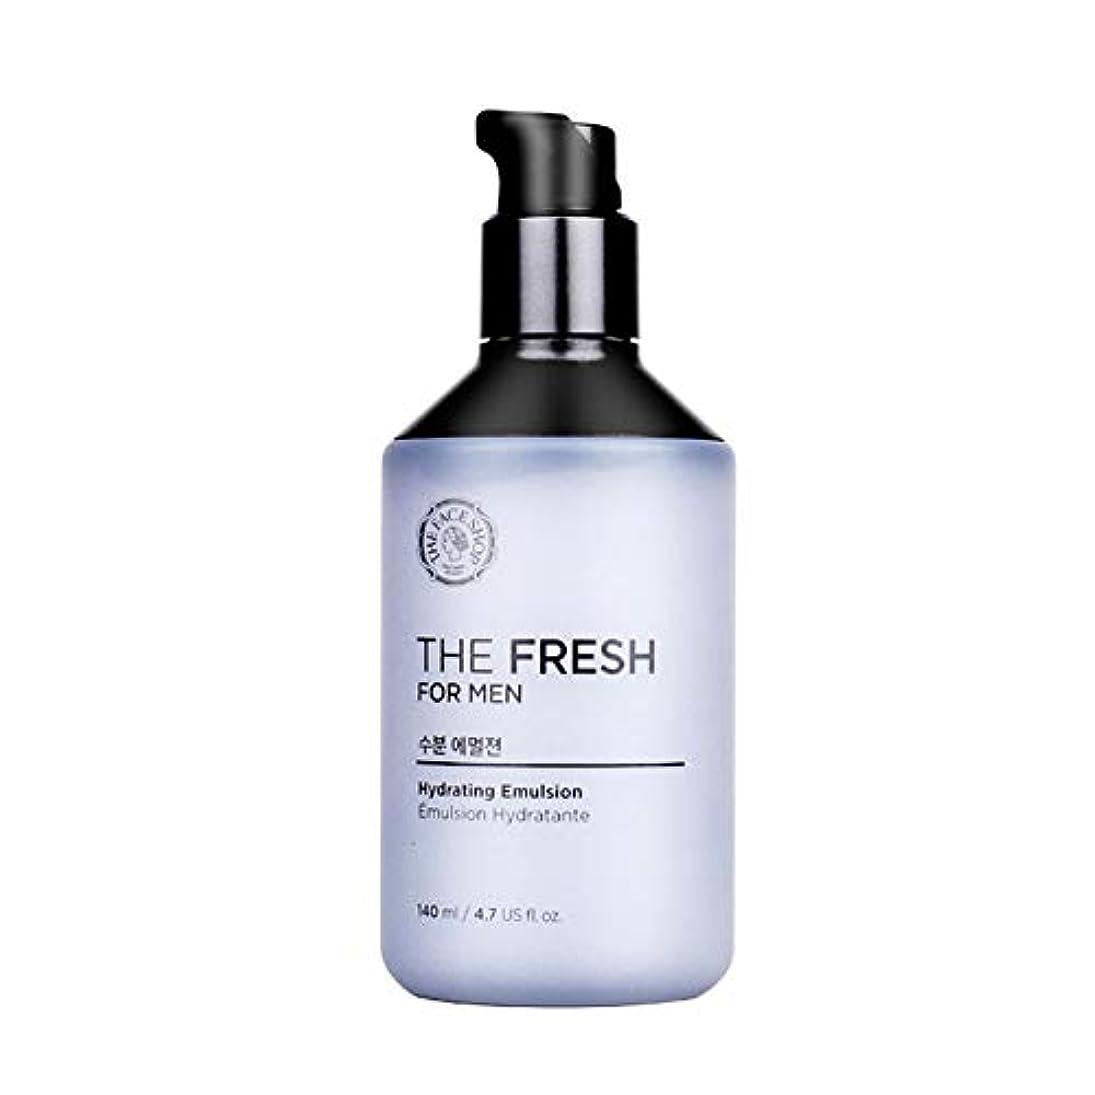 気配りのあるとげメンダシティザ・フェイスショップザ・フレッシュフォーマン水分エマルジョン140mlメンズコスメ、The Face Shop The Fresh For Men Hydrating Emulsion 140ml Men's Cosmetics [並行輸入品]